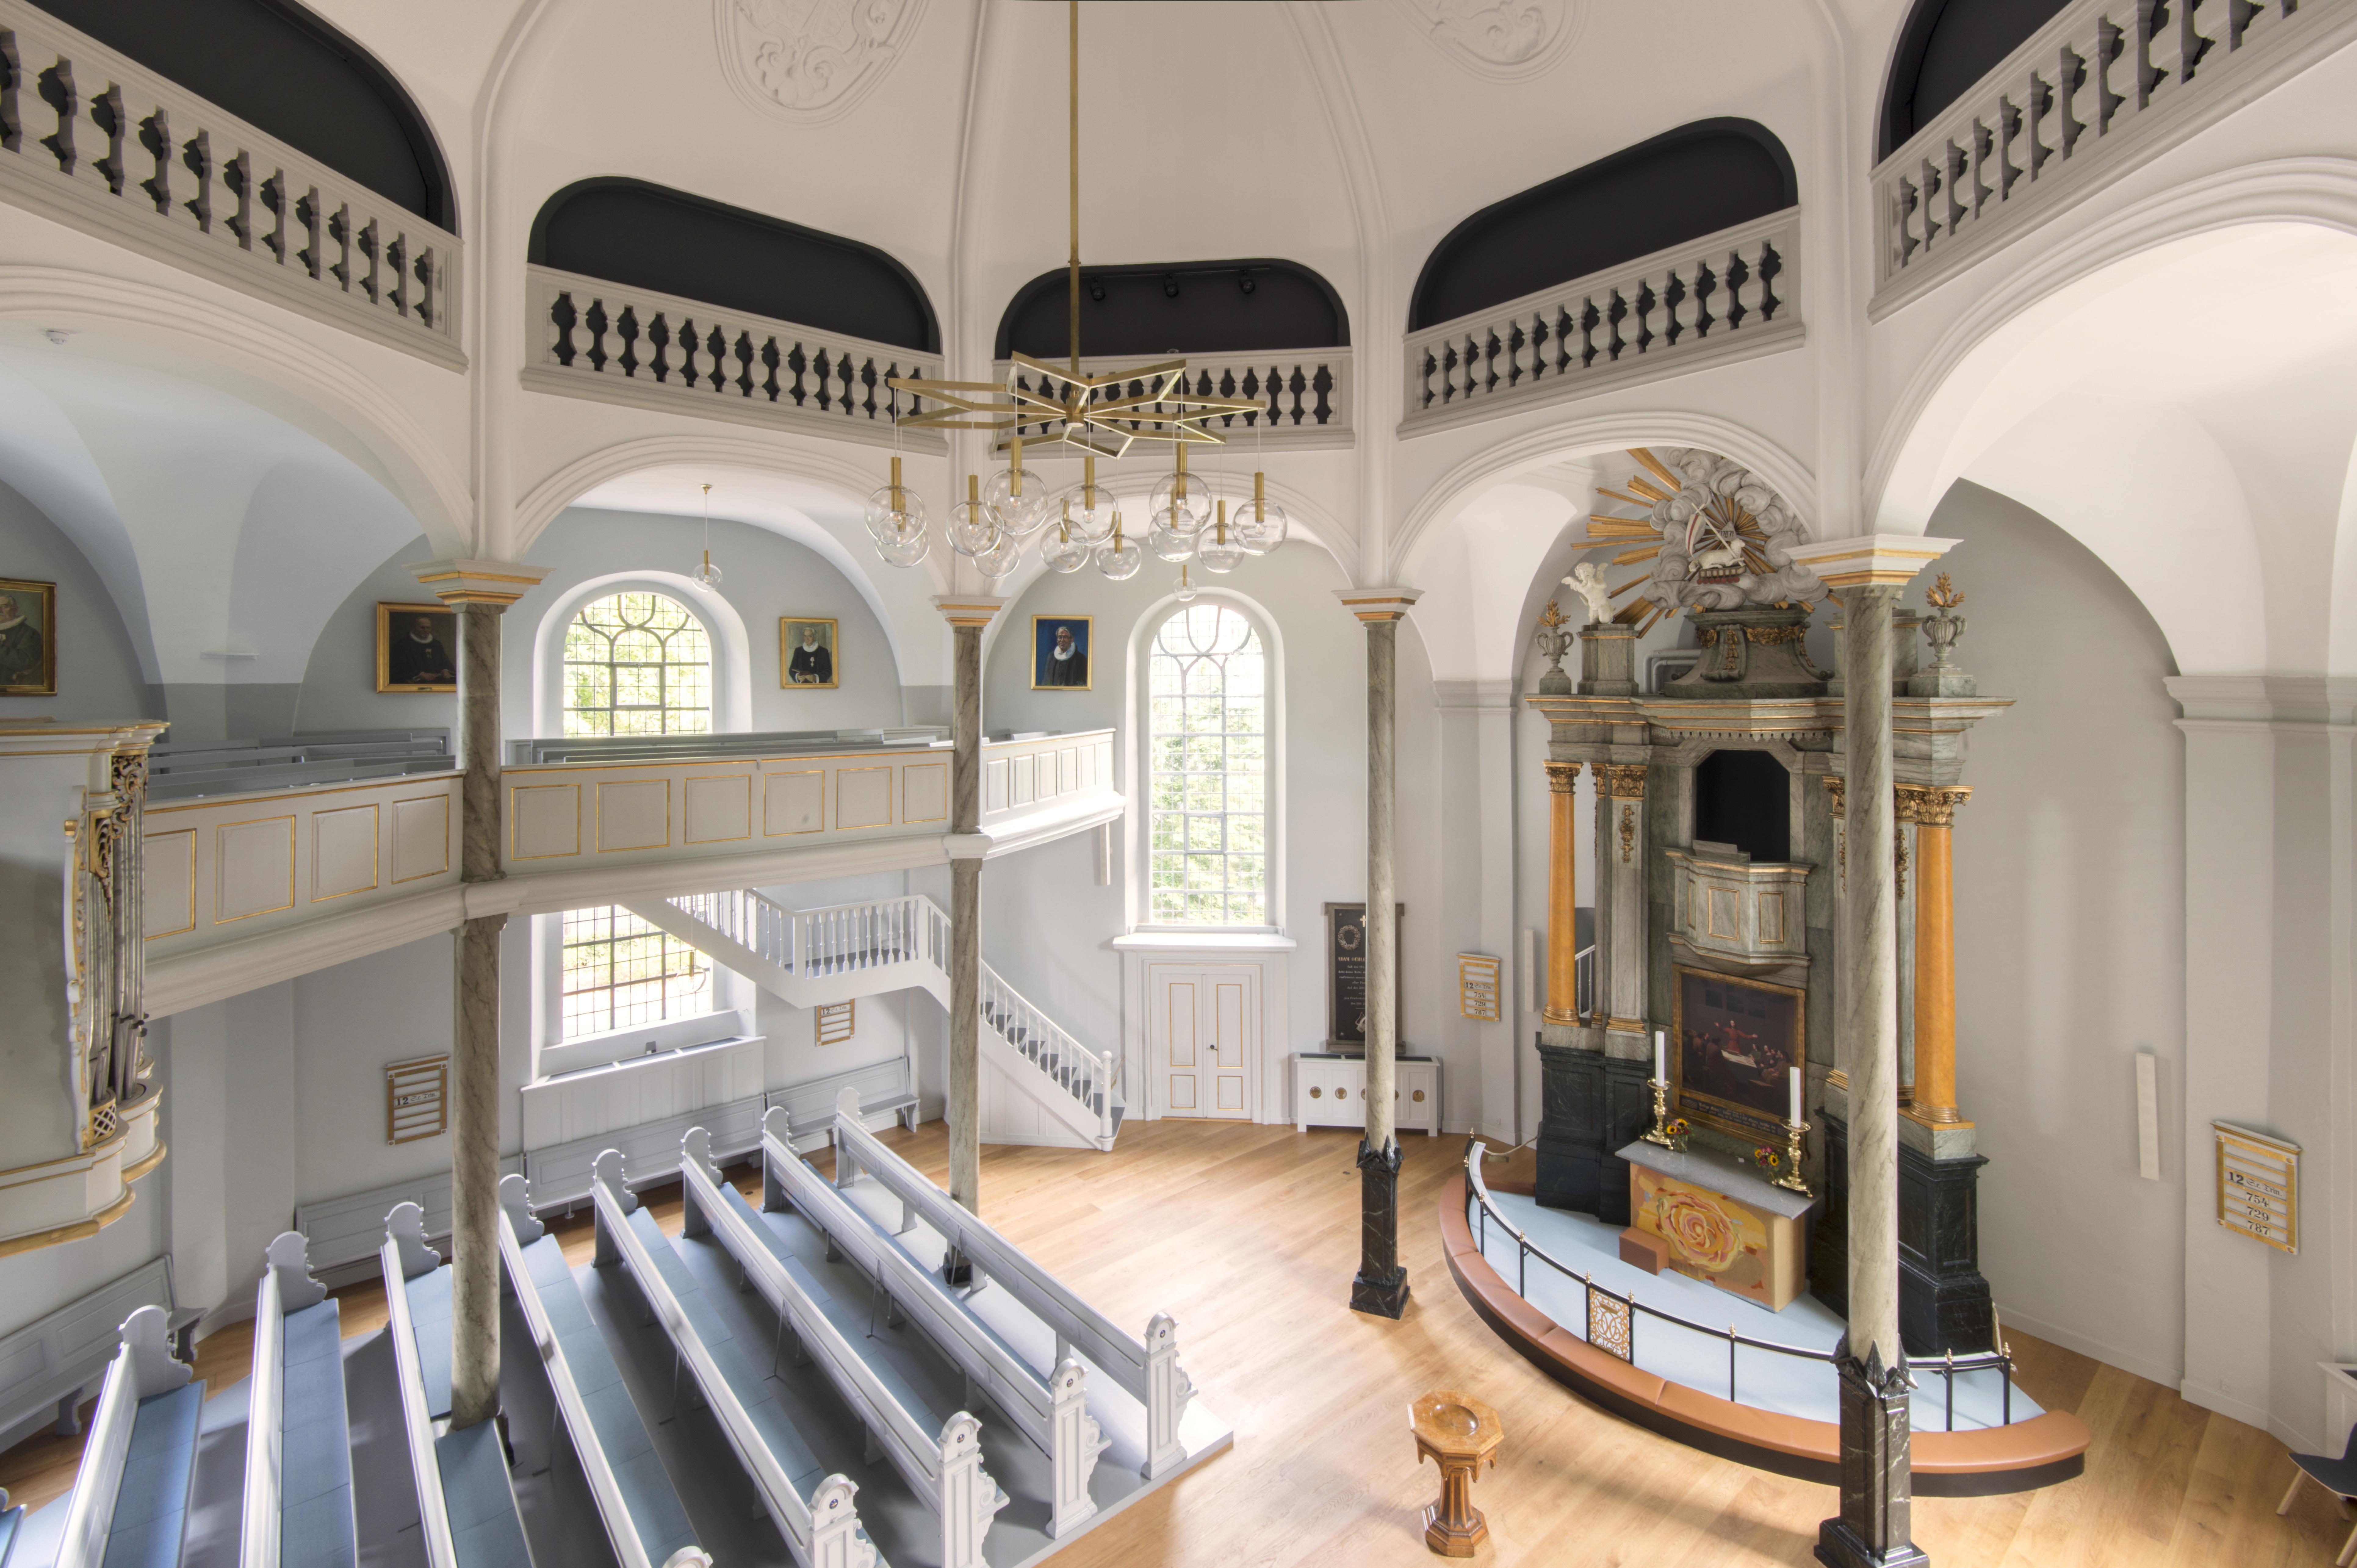 Frederiksberg Church interior after restoration Elgaard Architecture